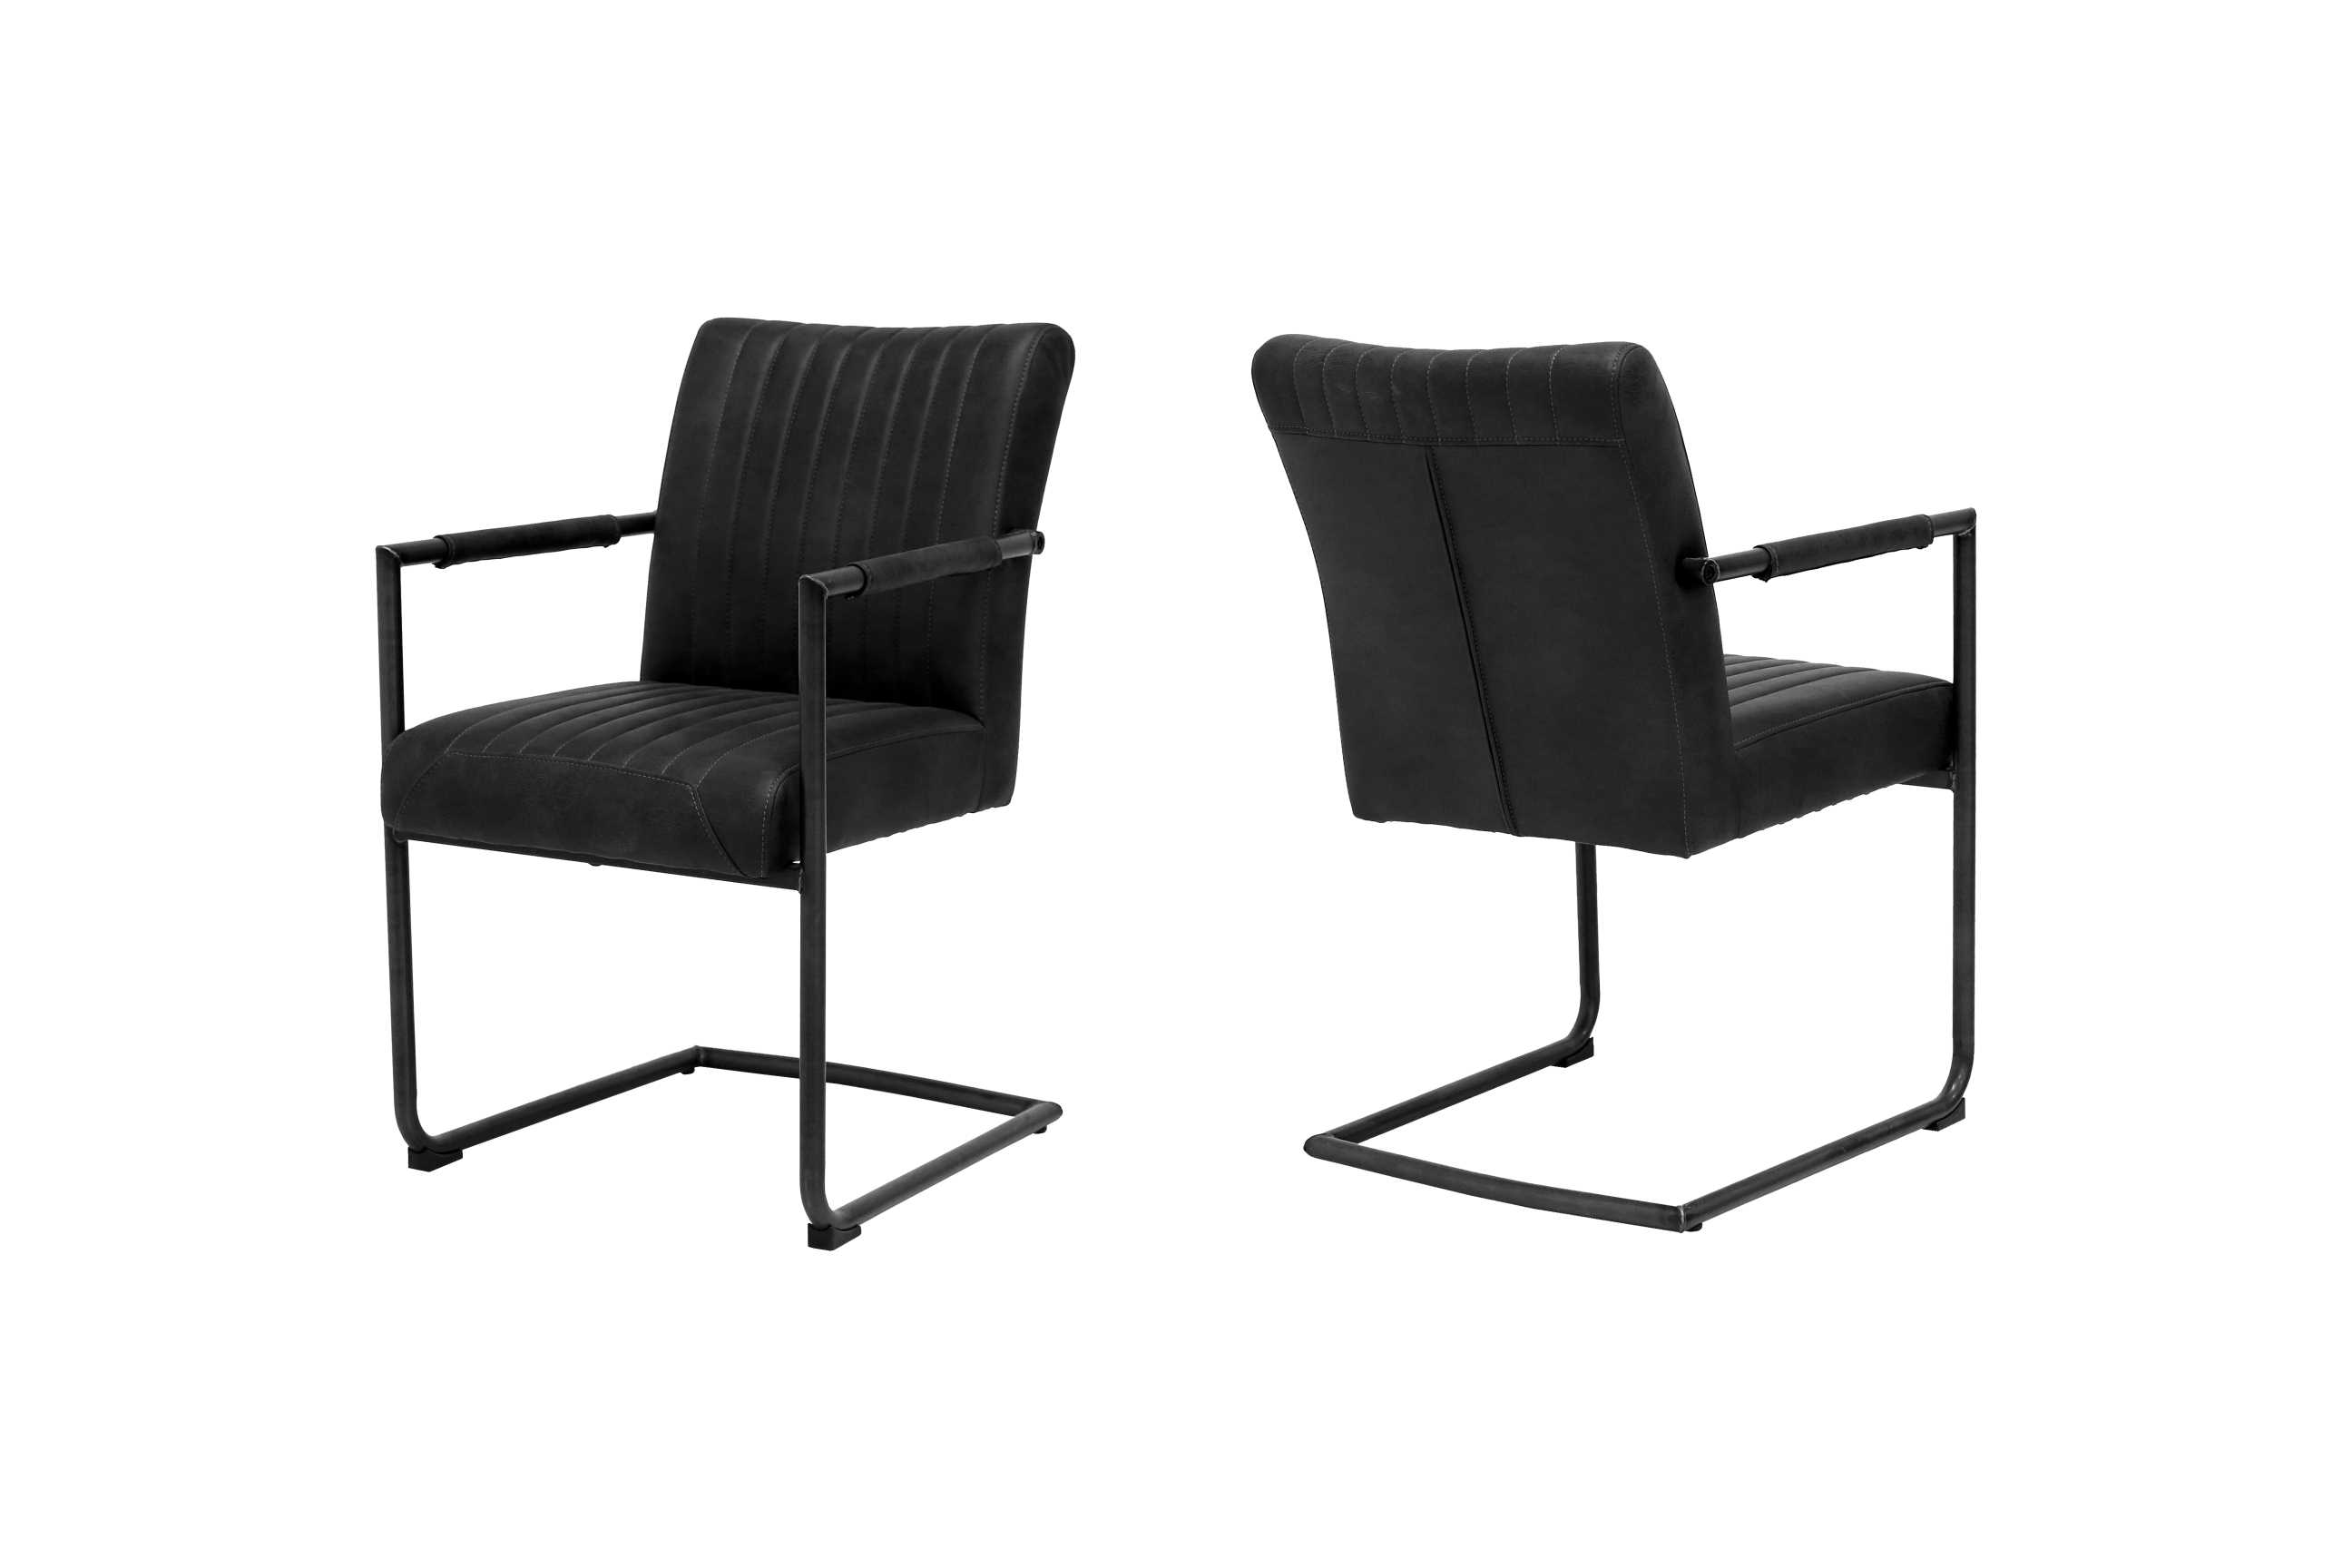 canett – Pitou stol med armlæn fra boboonline.dk